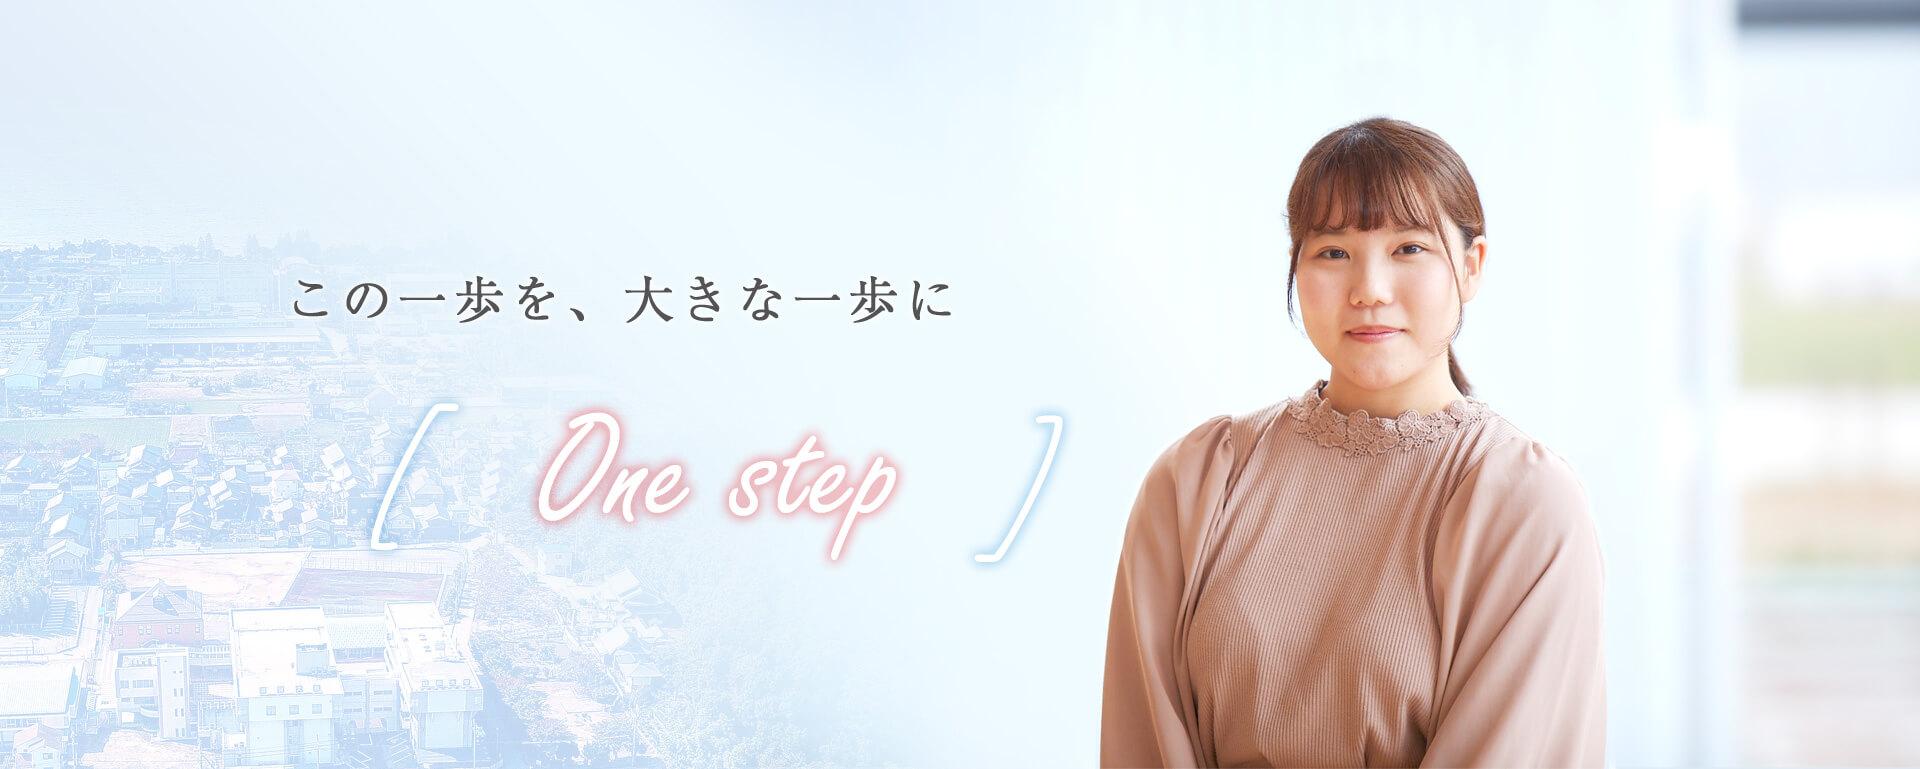 この一歩を、大きな一歩に